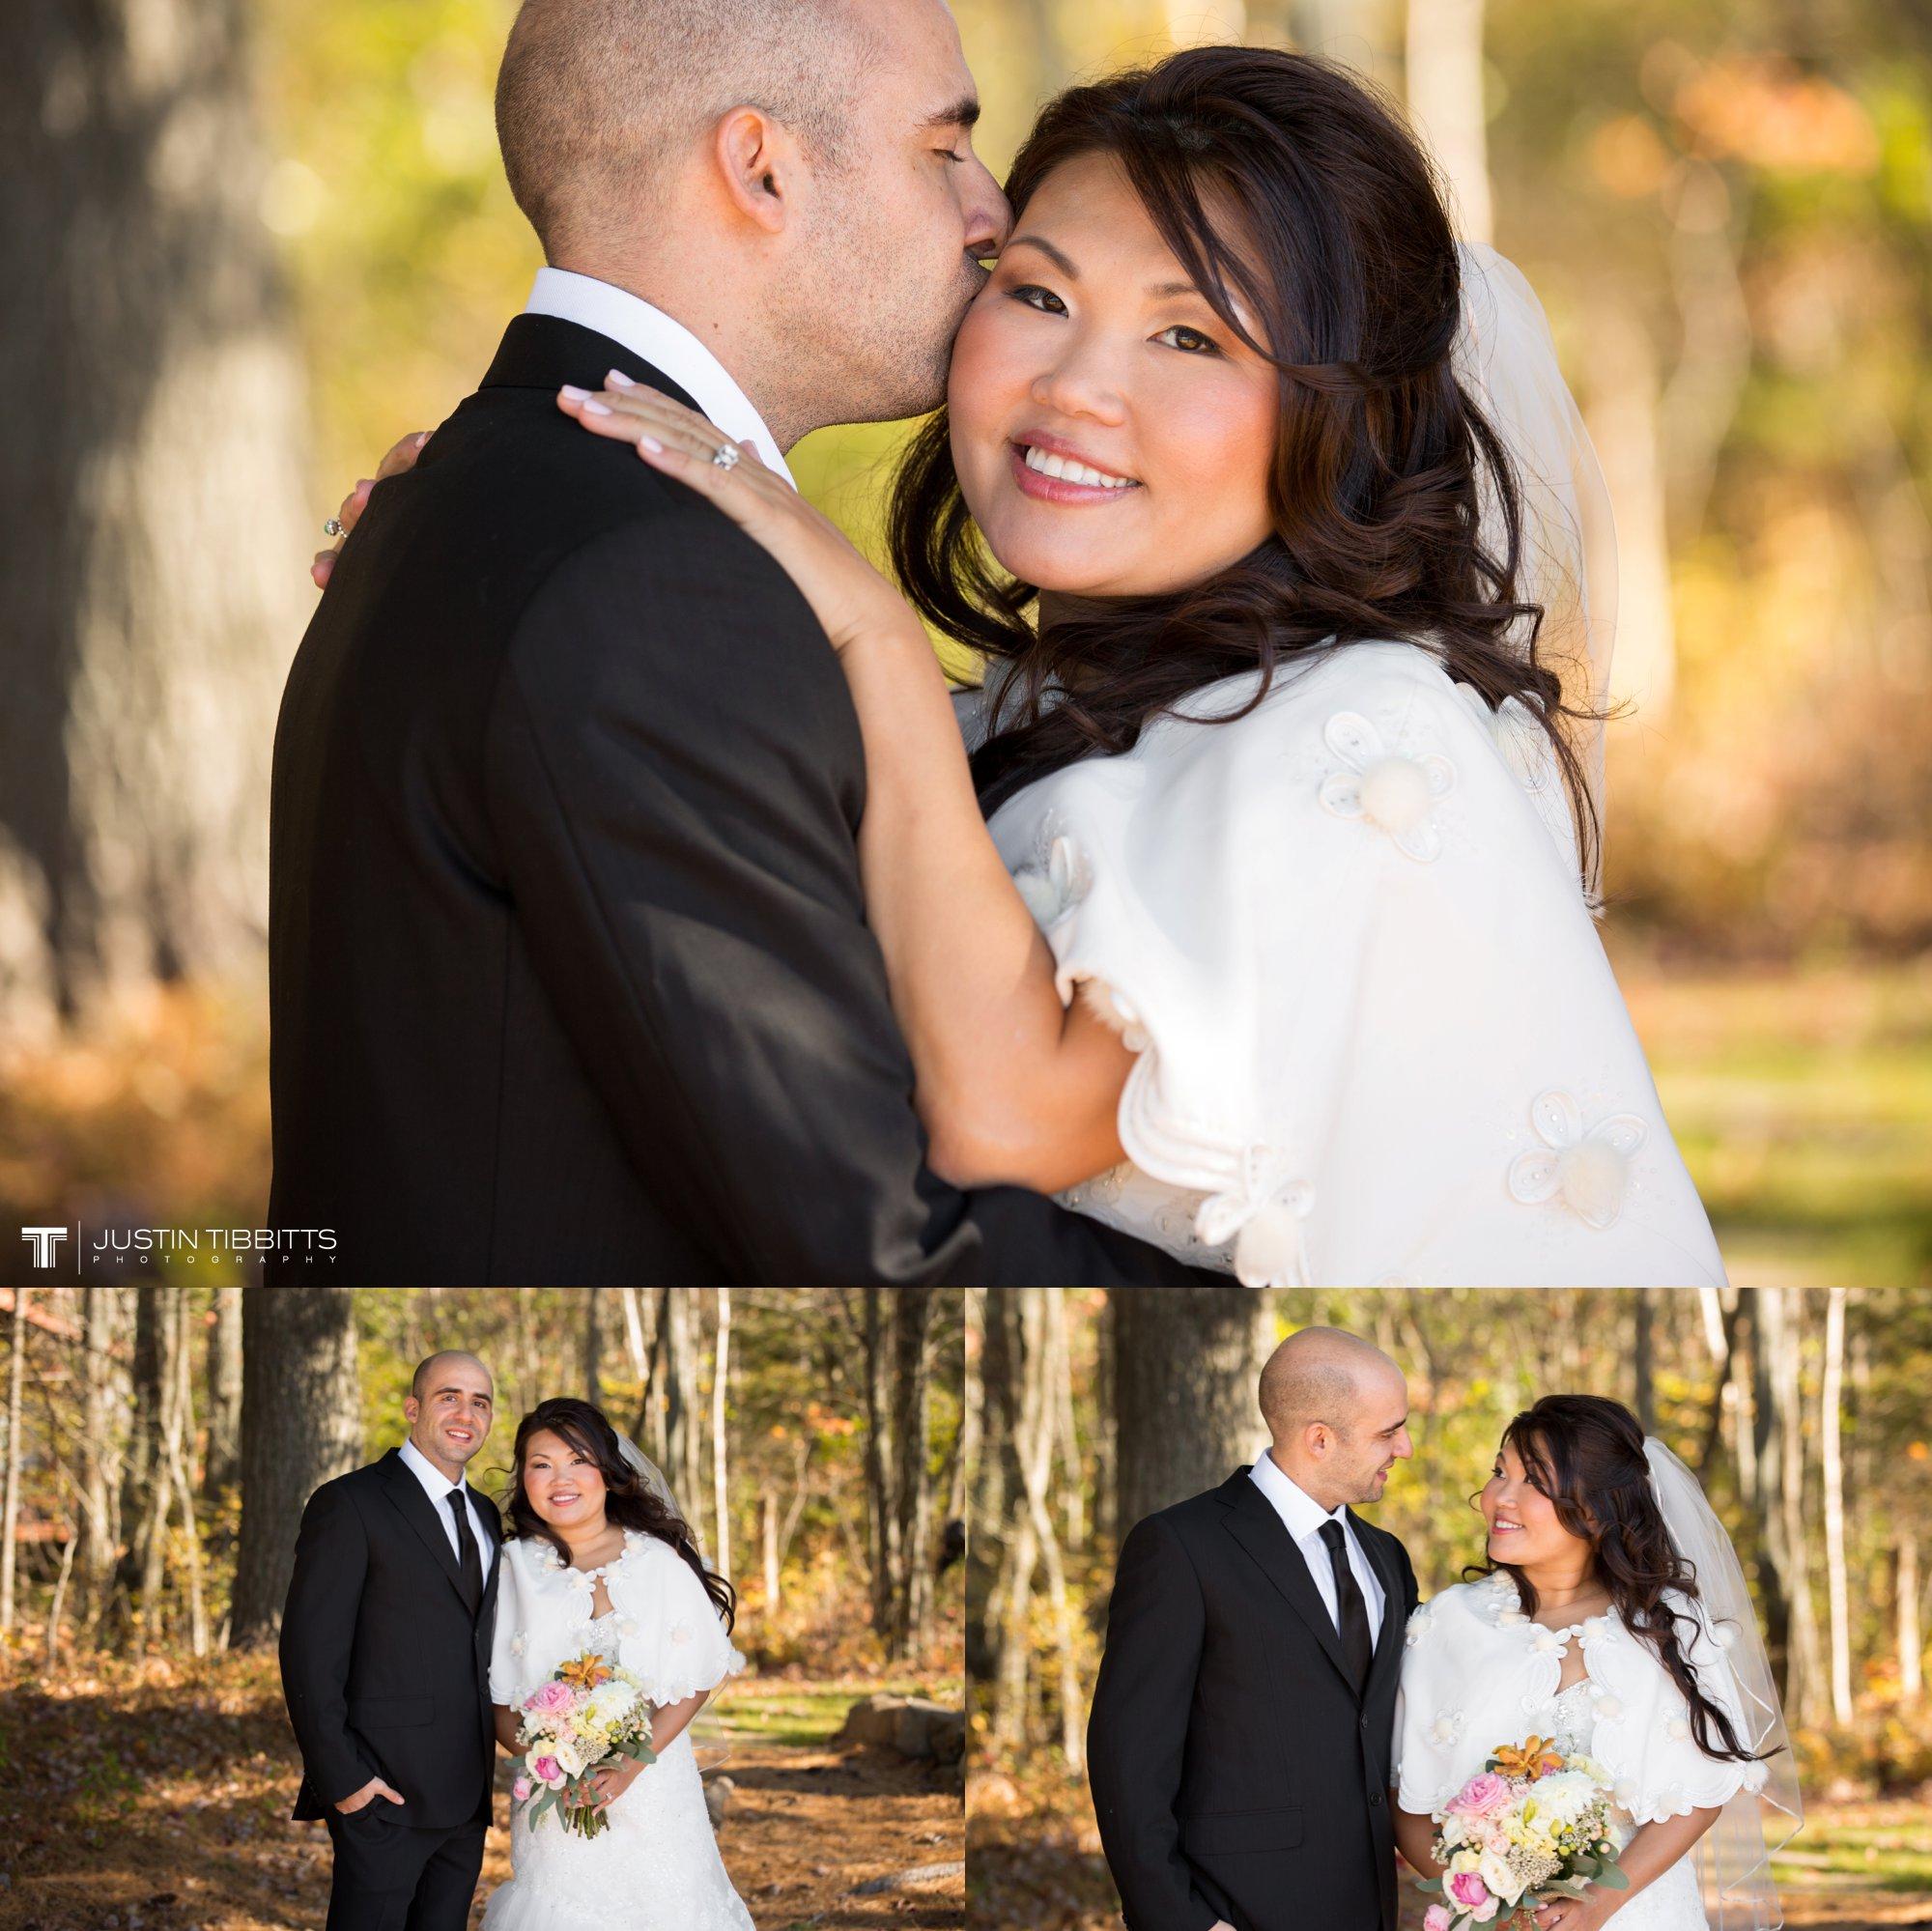 Albany NY Wedding Photographer Justin Tibbitts Photography 2014 Best of Albany NY Weddings-327676